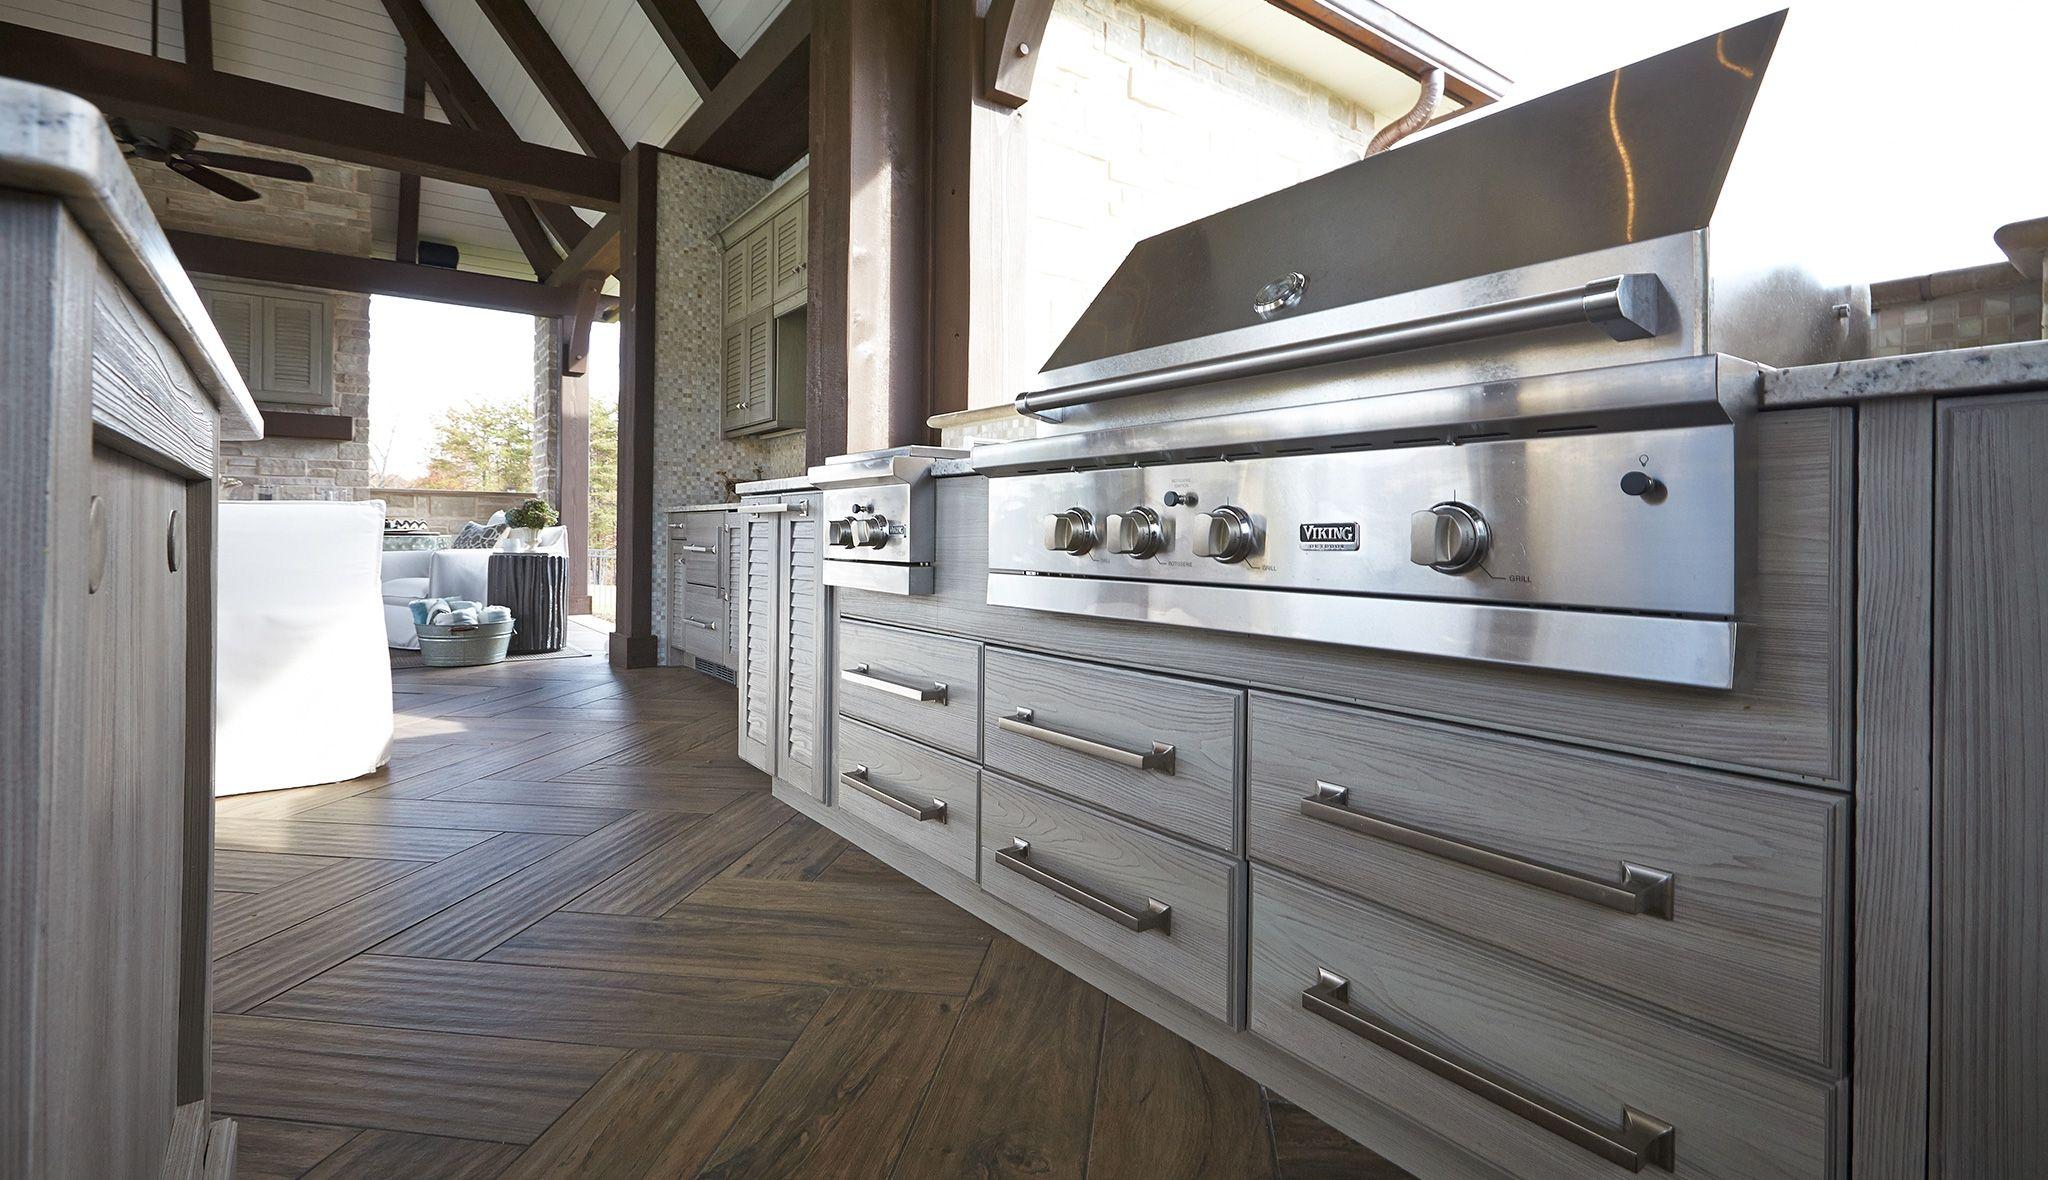 Marine Grade Polymer Outdoor Kitchen Cabinets Outdoor Cabinet Outdoor Kitchen Cabinets Outdoor Kitchen